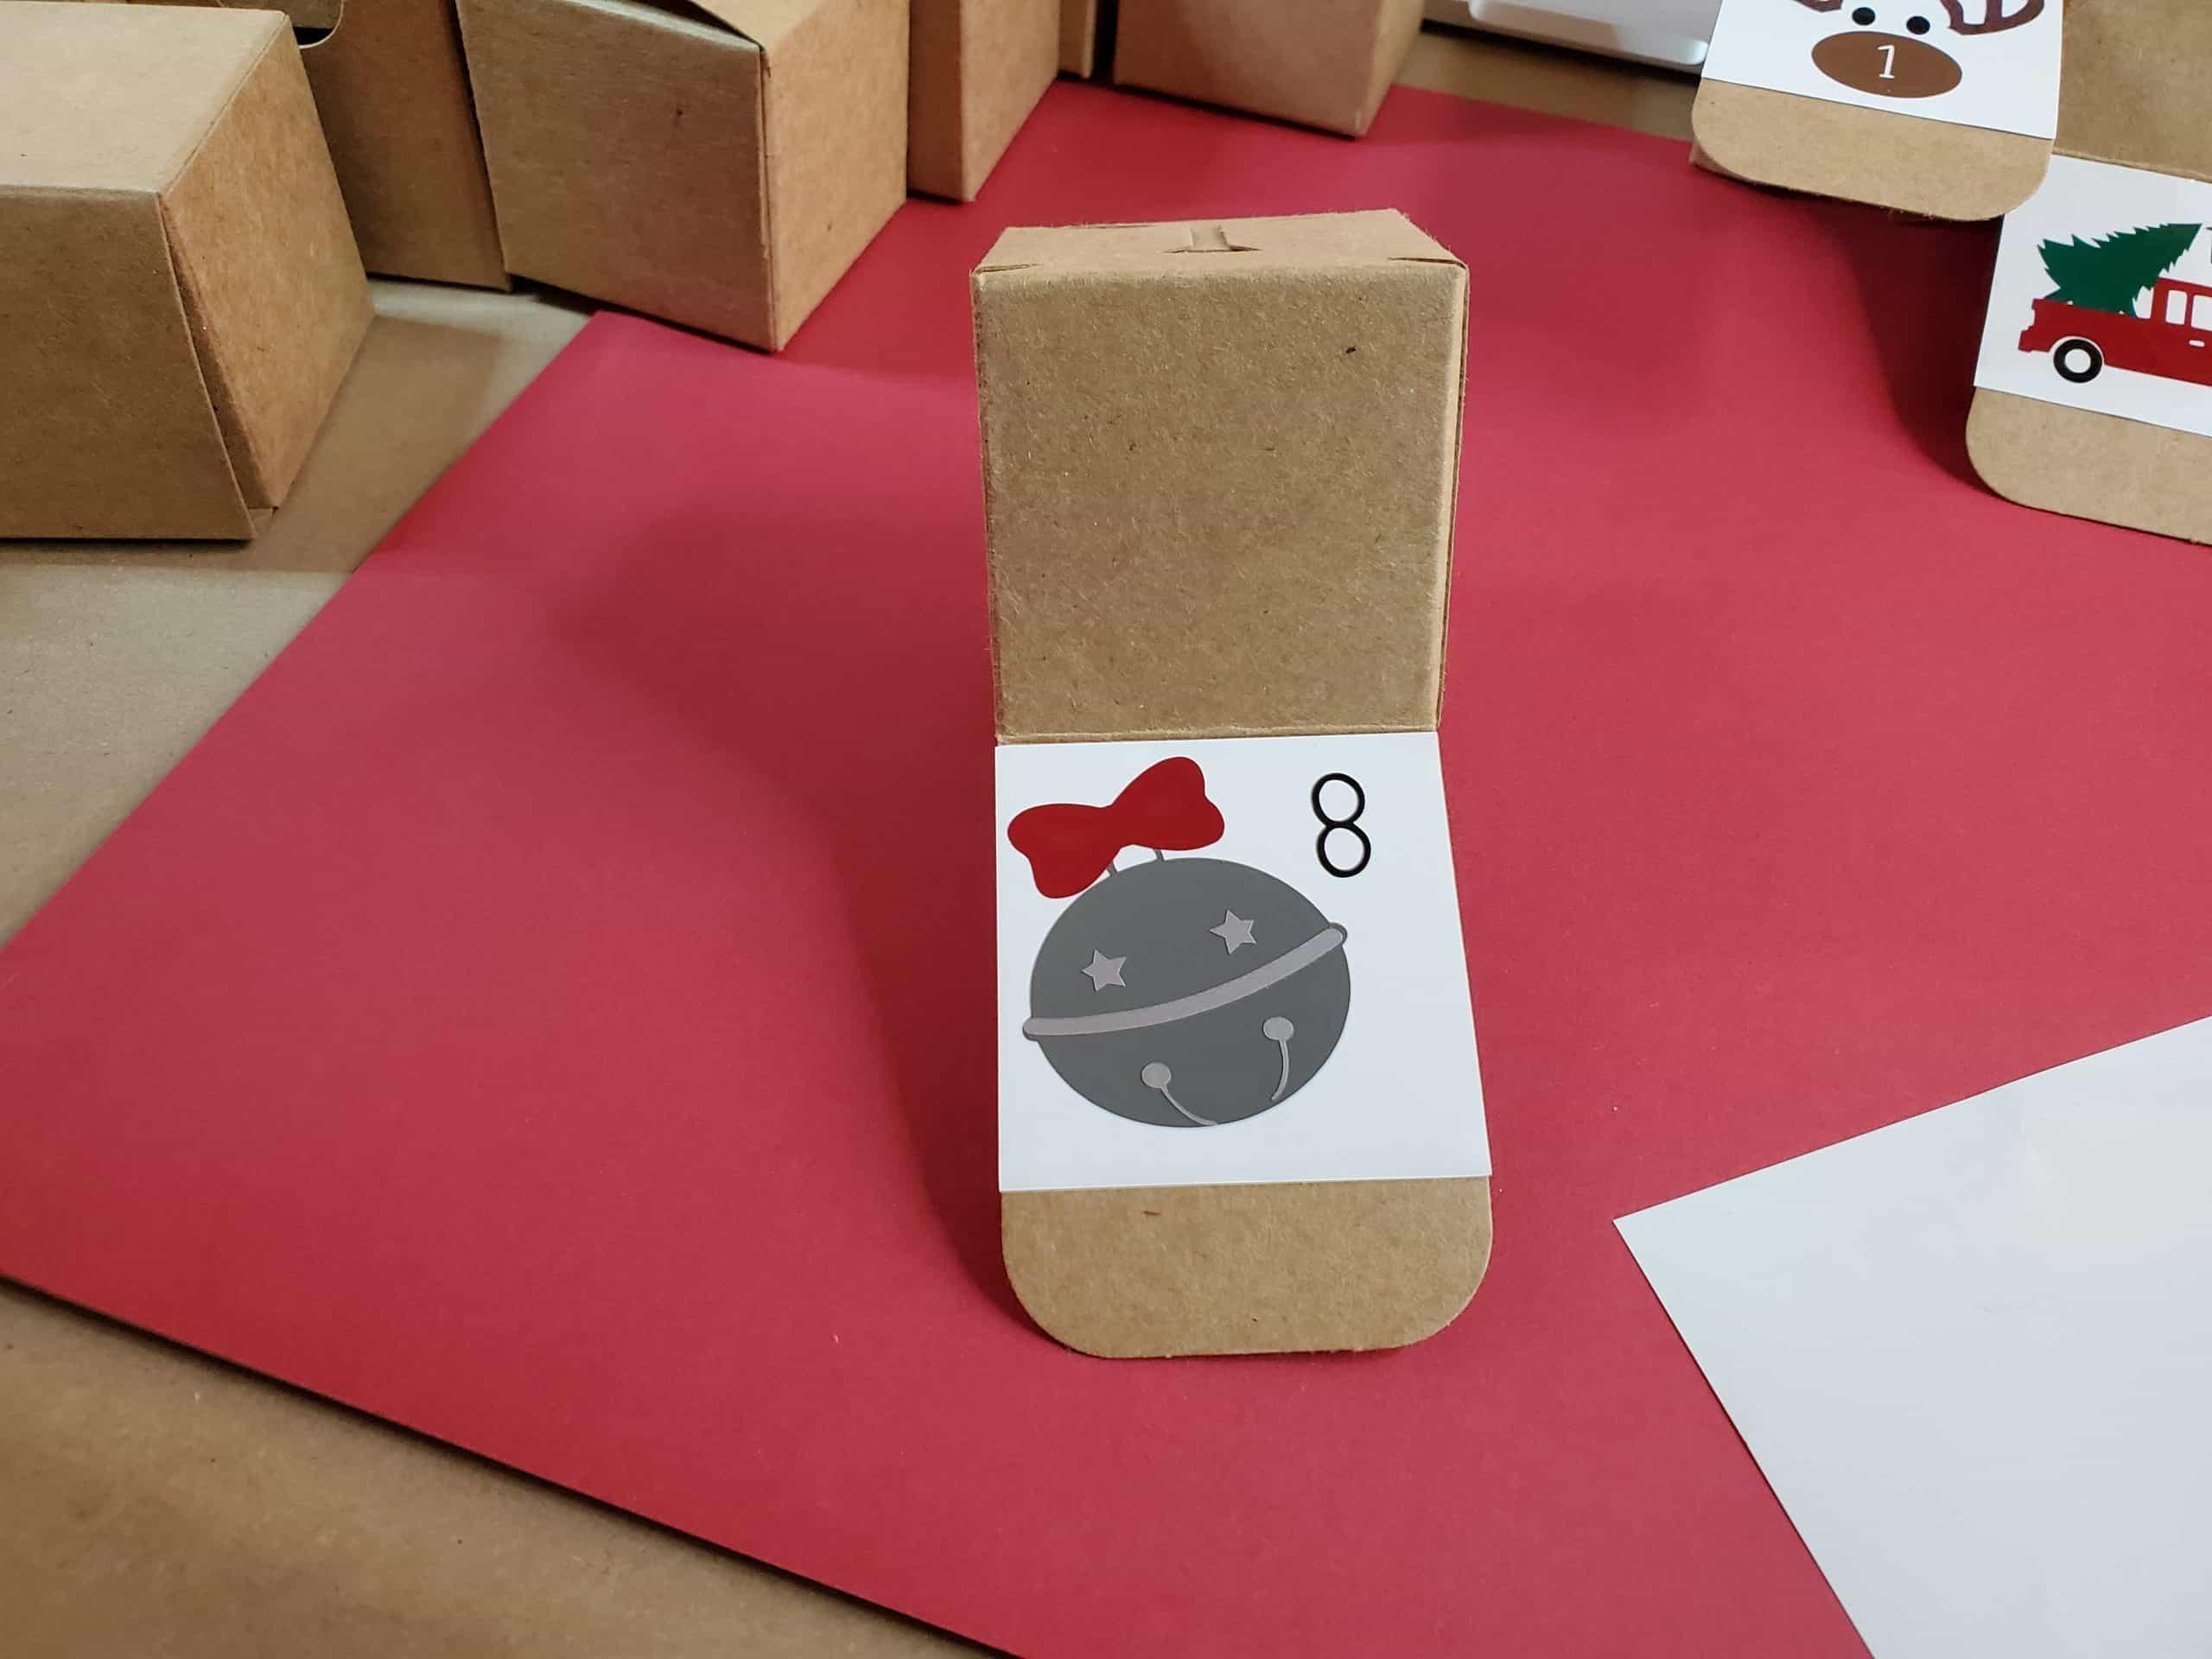 Square 8 box